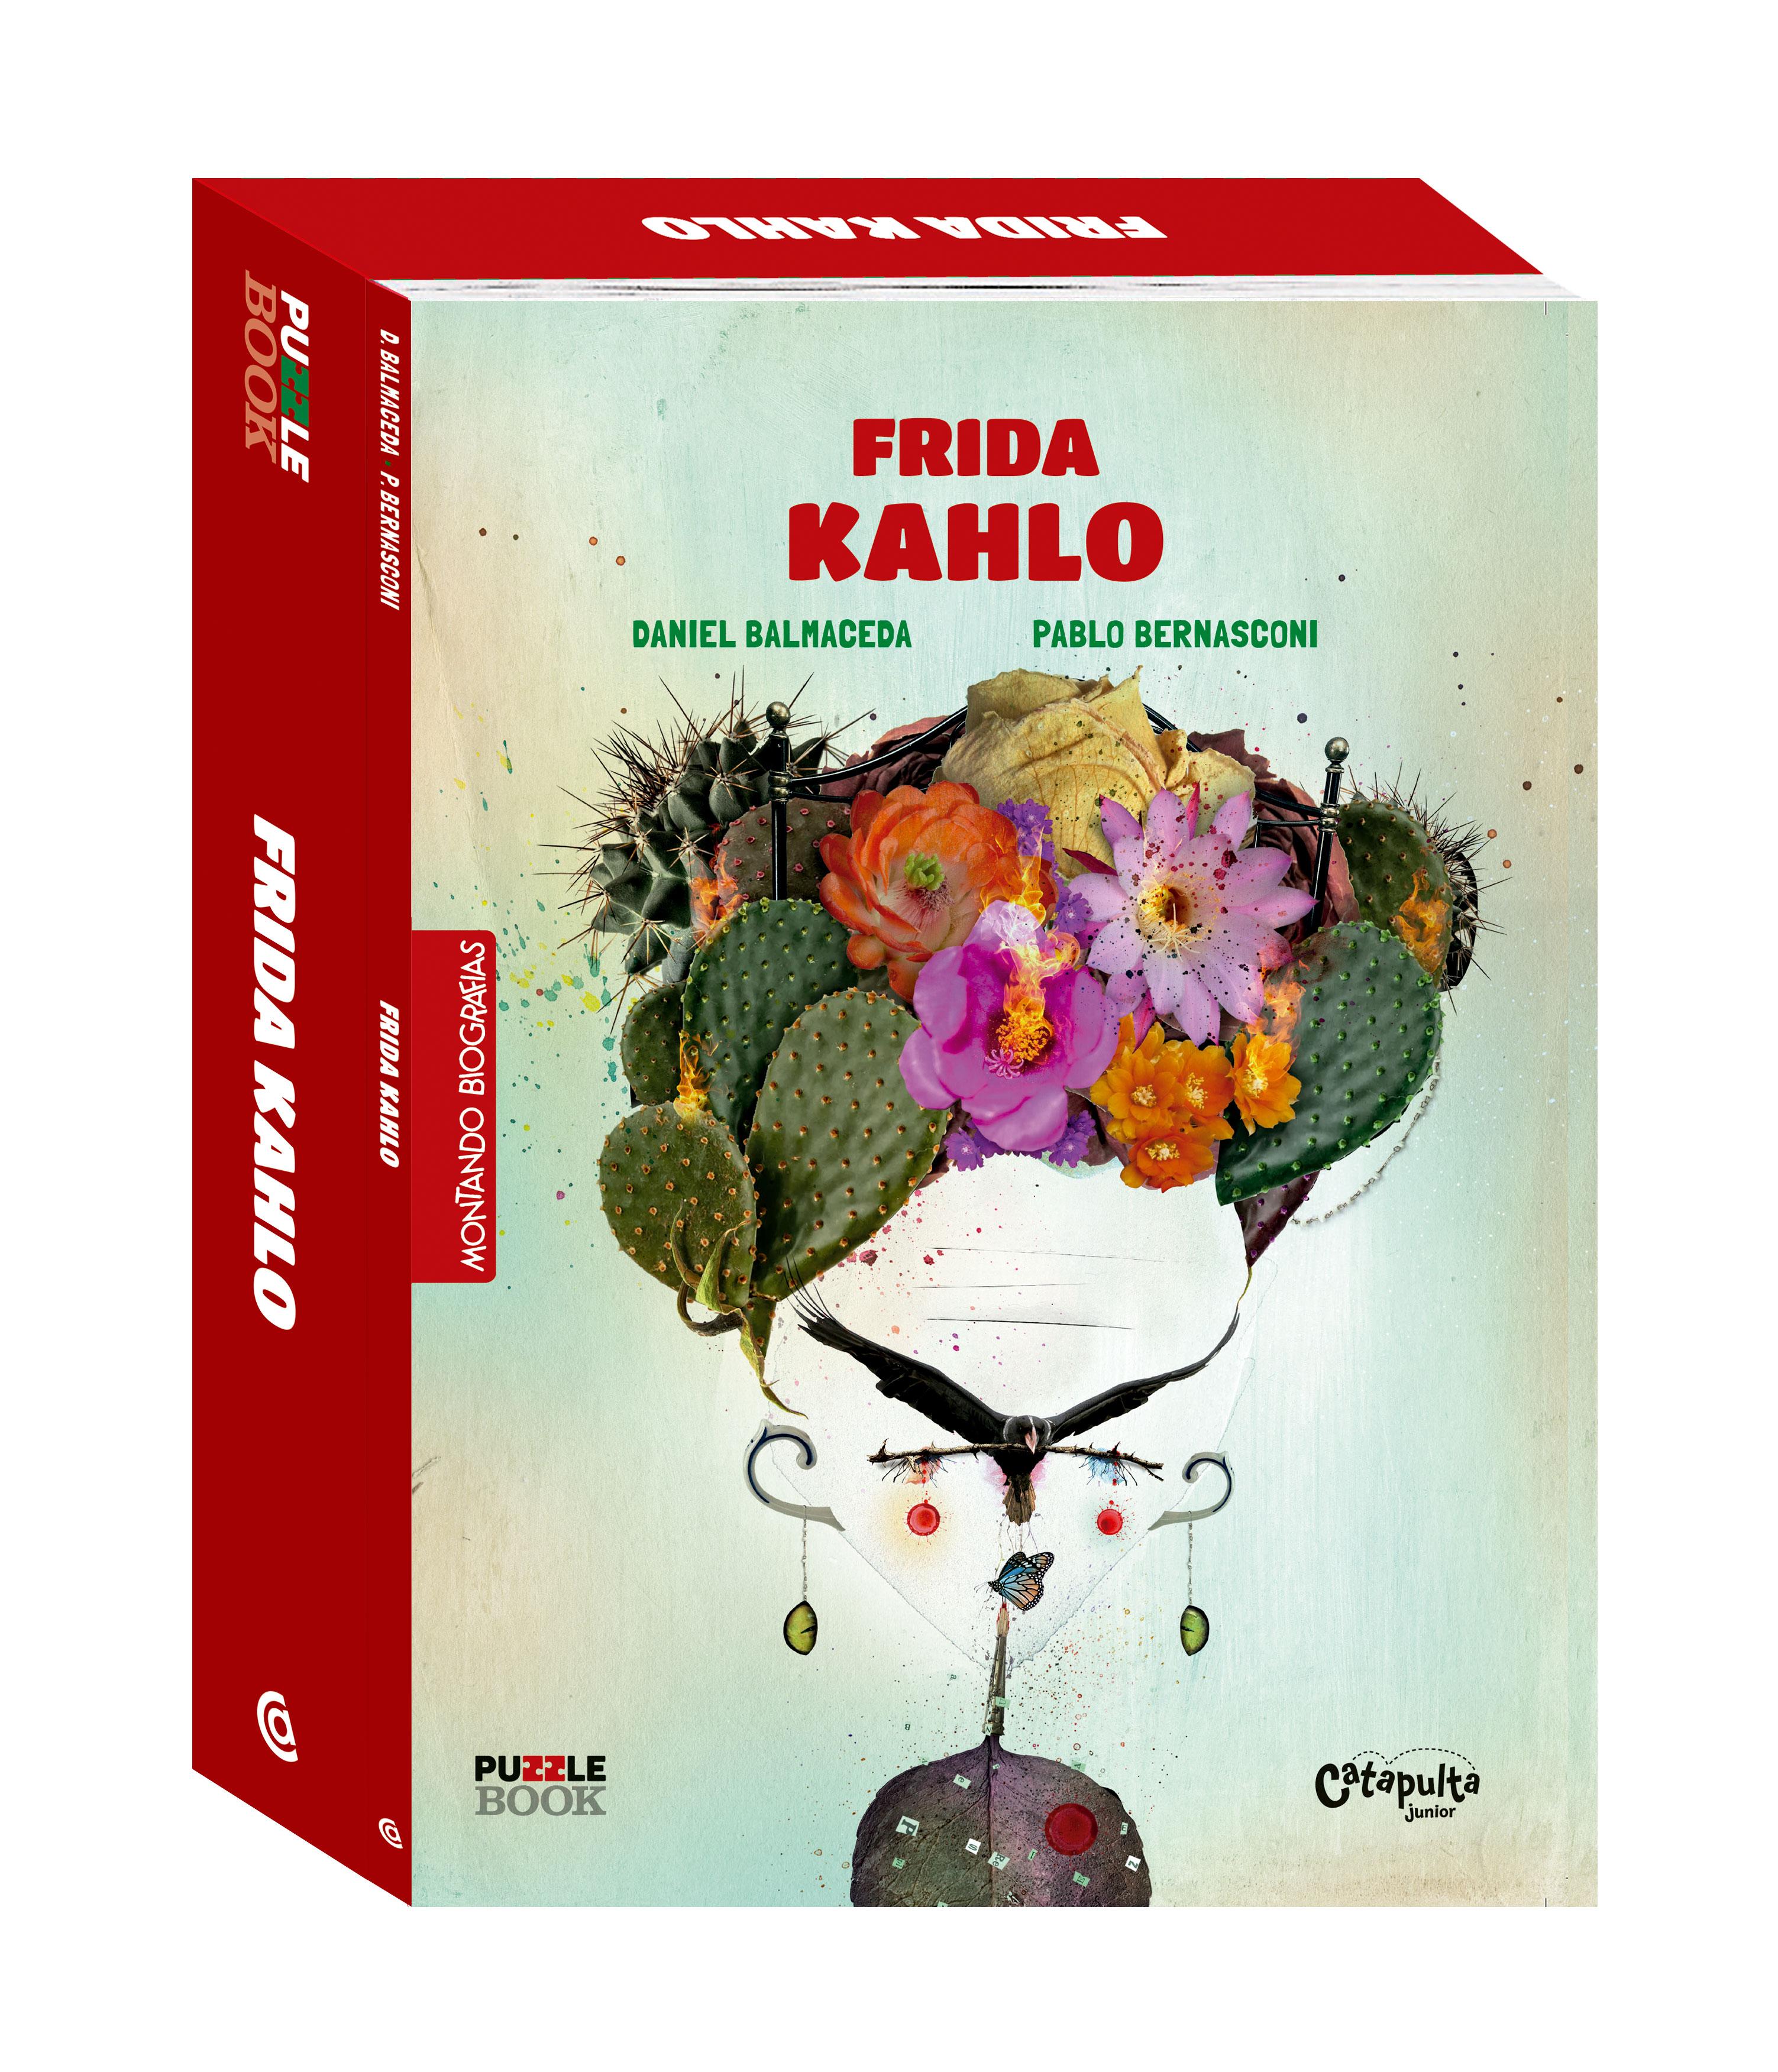 Frida Kahlo vira puzzle book